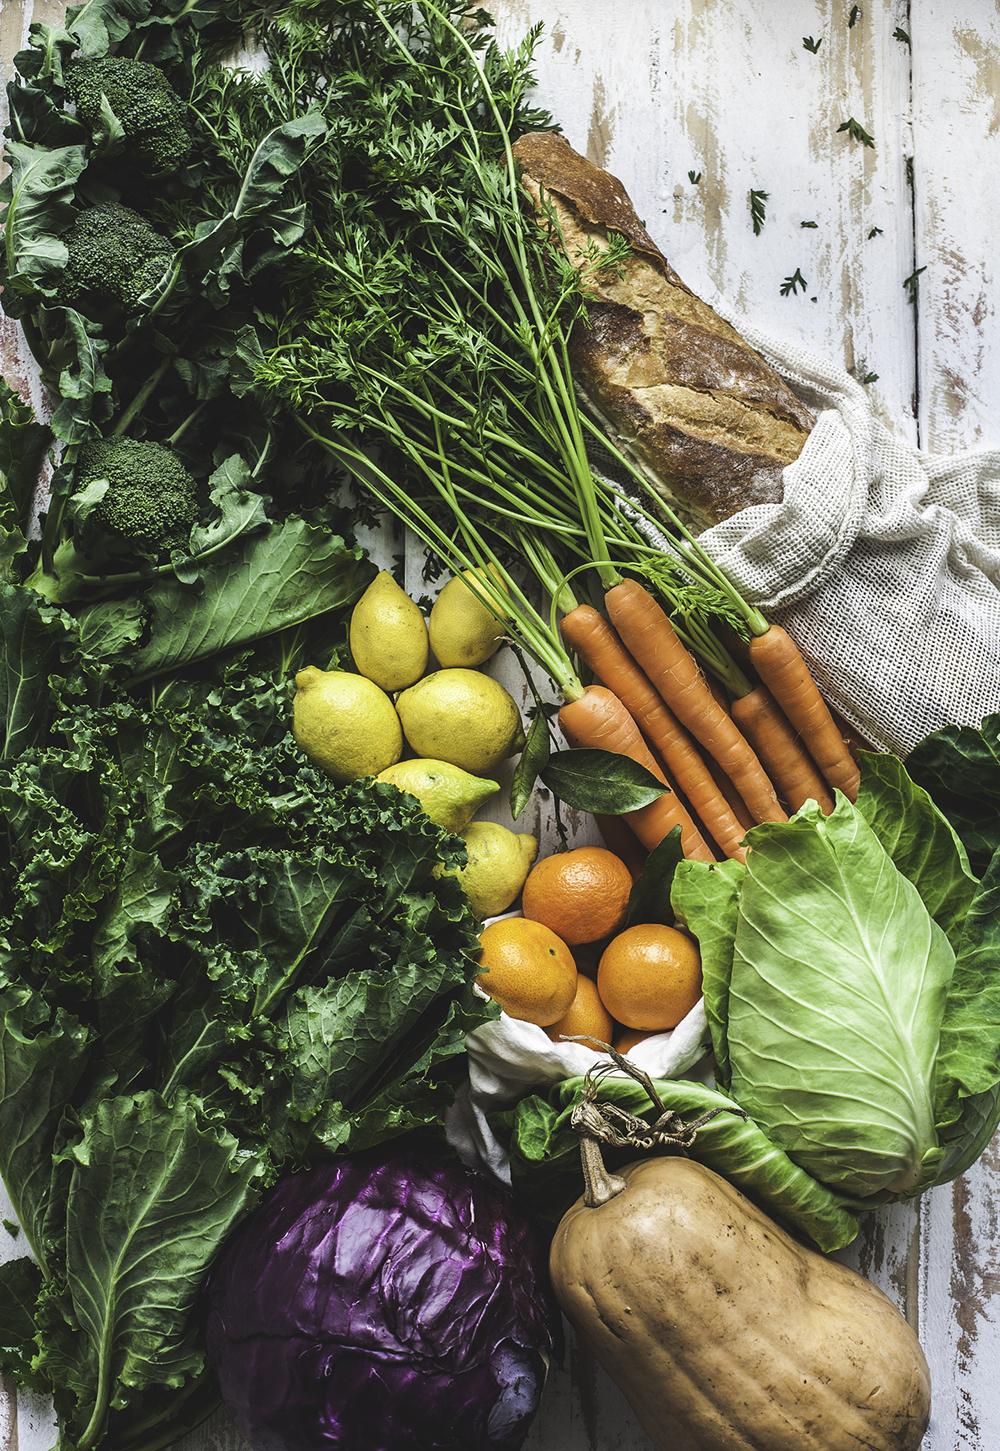 Rau củ là thực phẩm giúp ngăn ngừa lão hóa